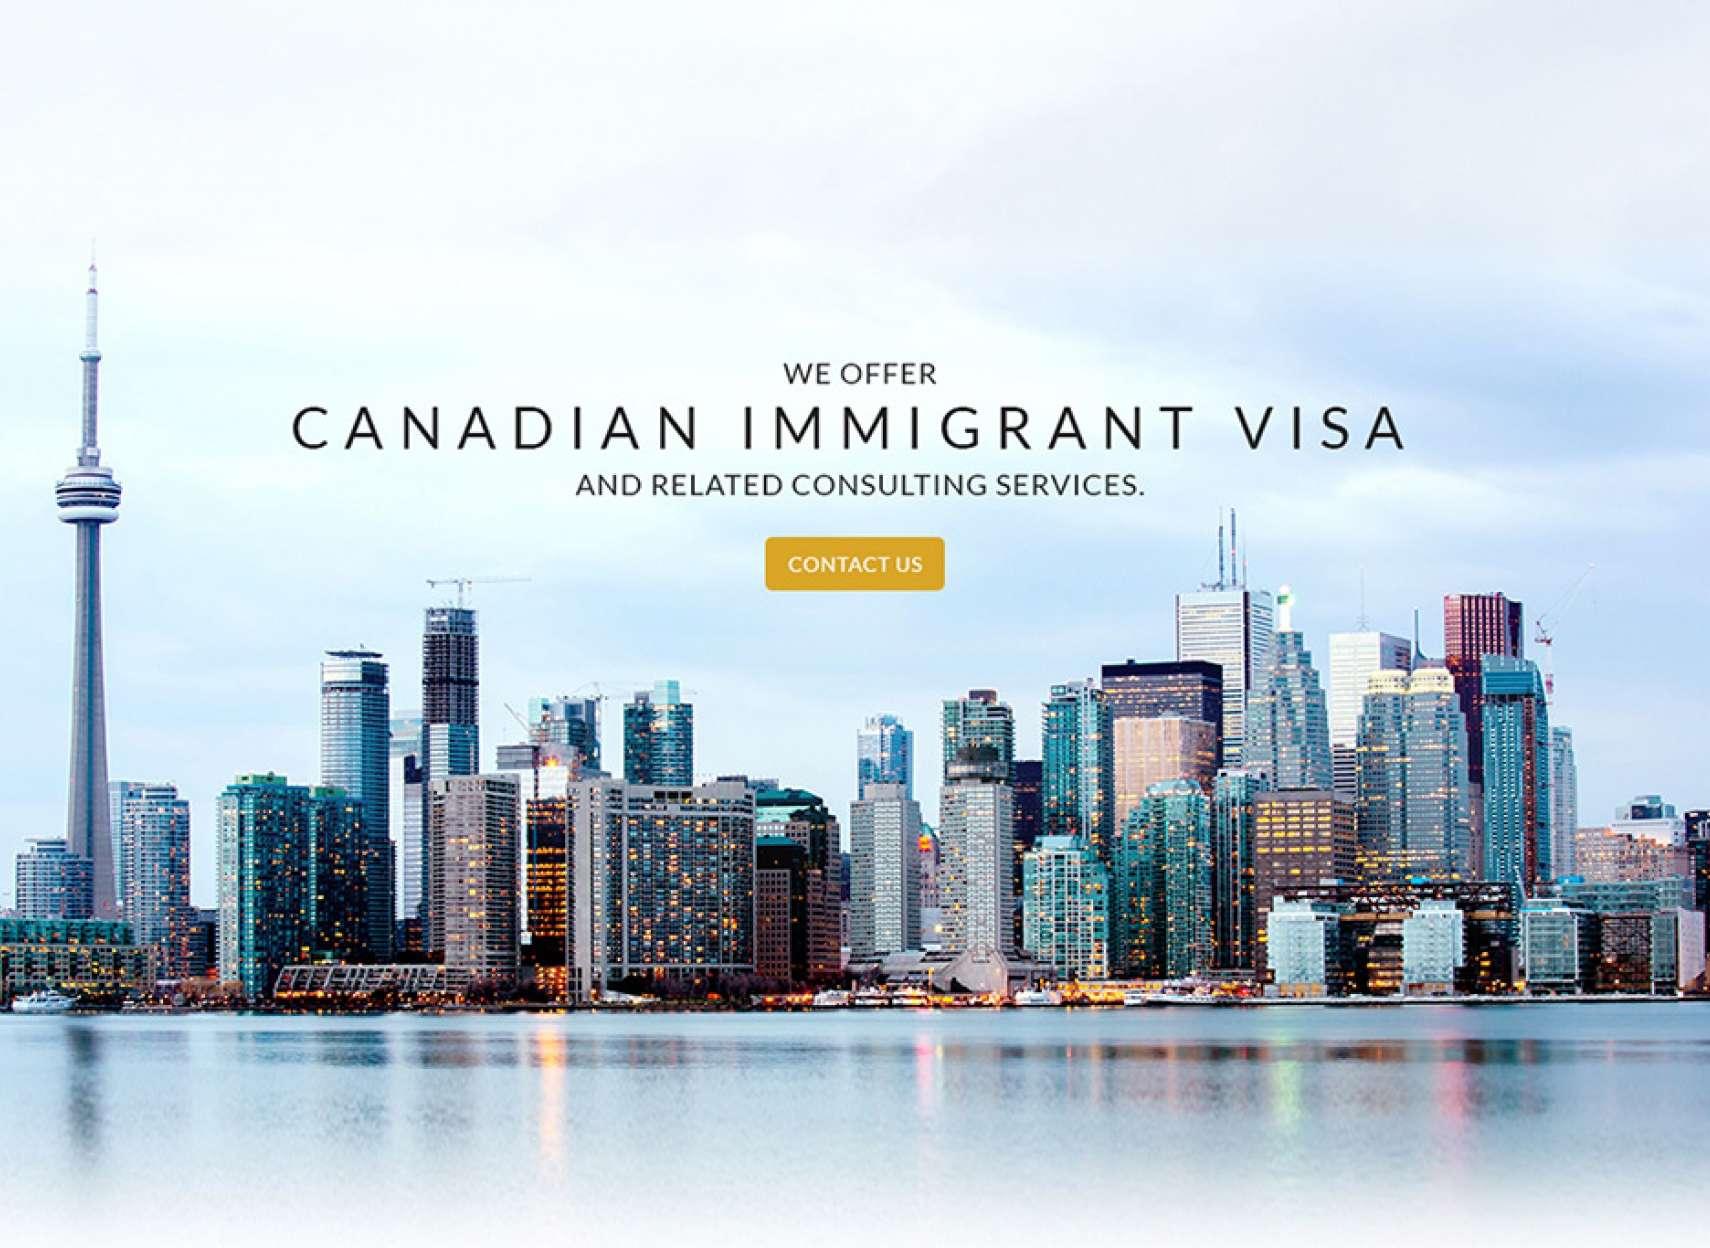 اخبار-کانادا-درخواست-صدها-هزار-دلار-برای-صدور-پیشنهاد-کاری-مهاجرتی-به-کانادا